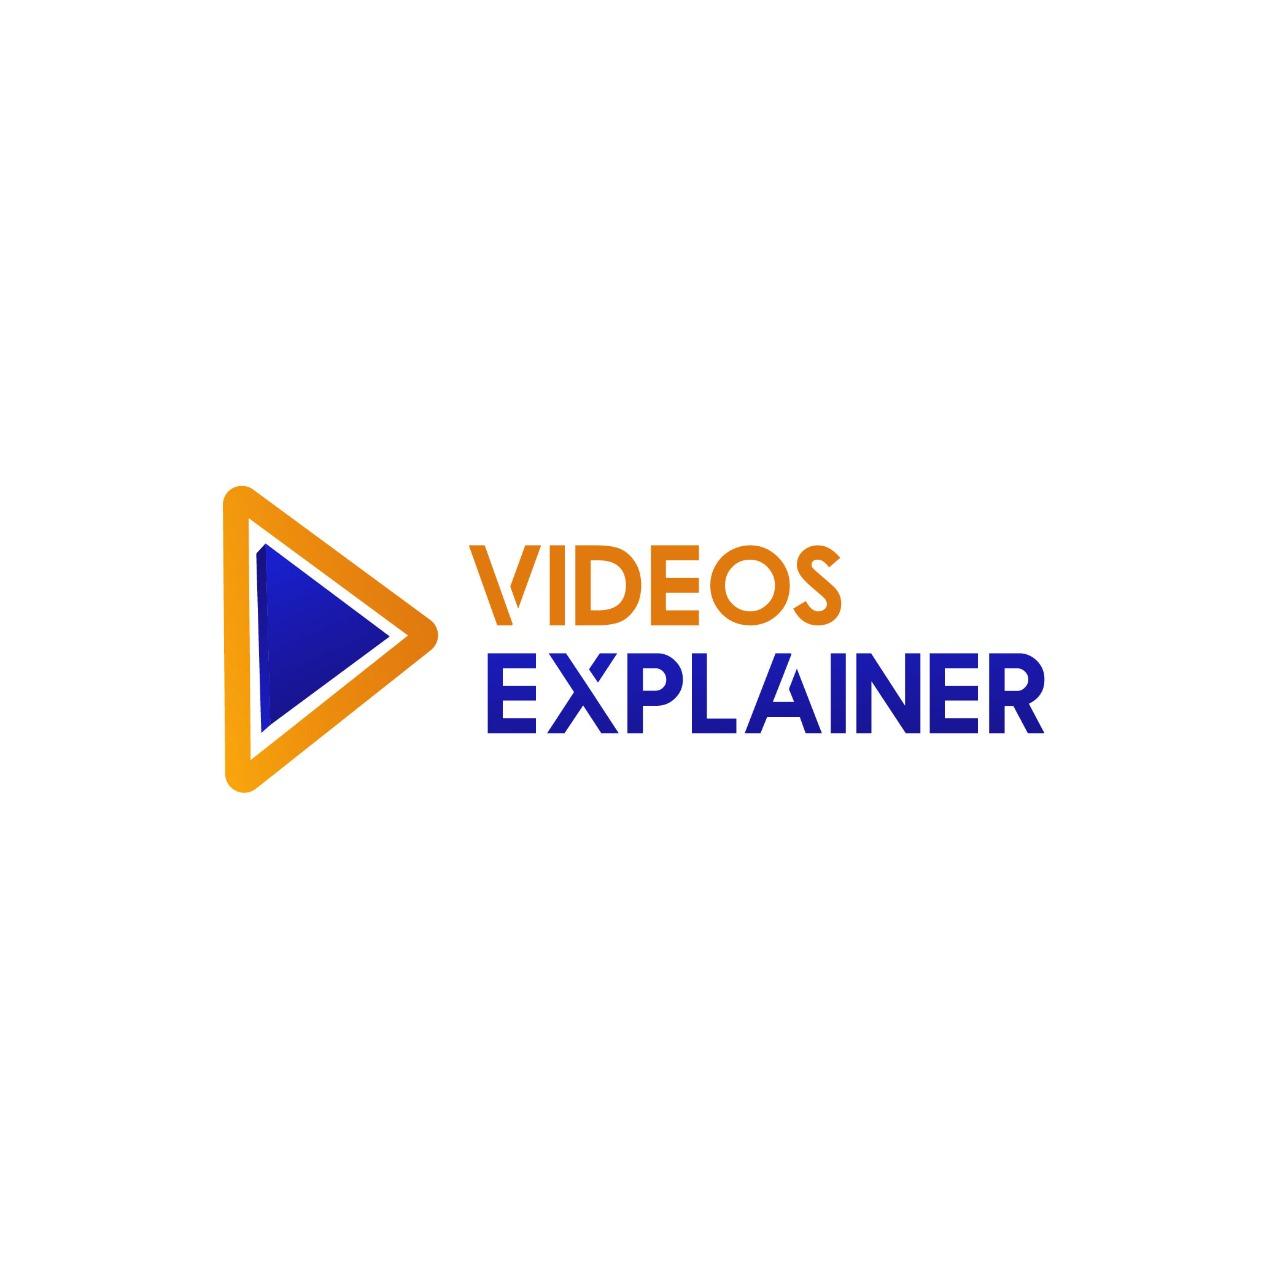 Videos Explainer Logo